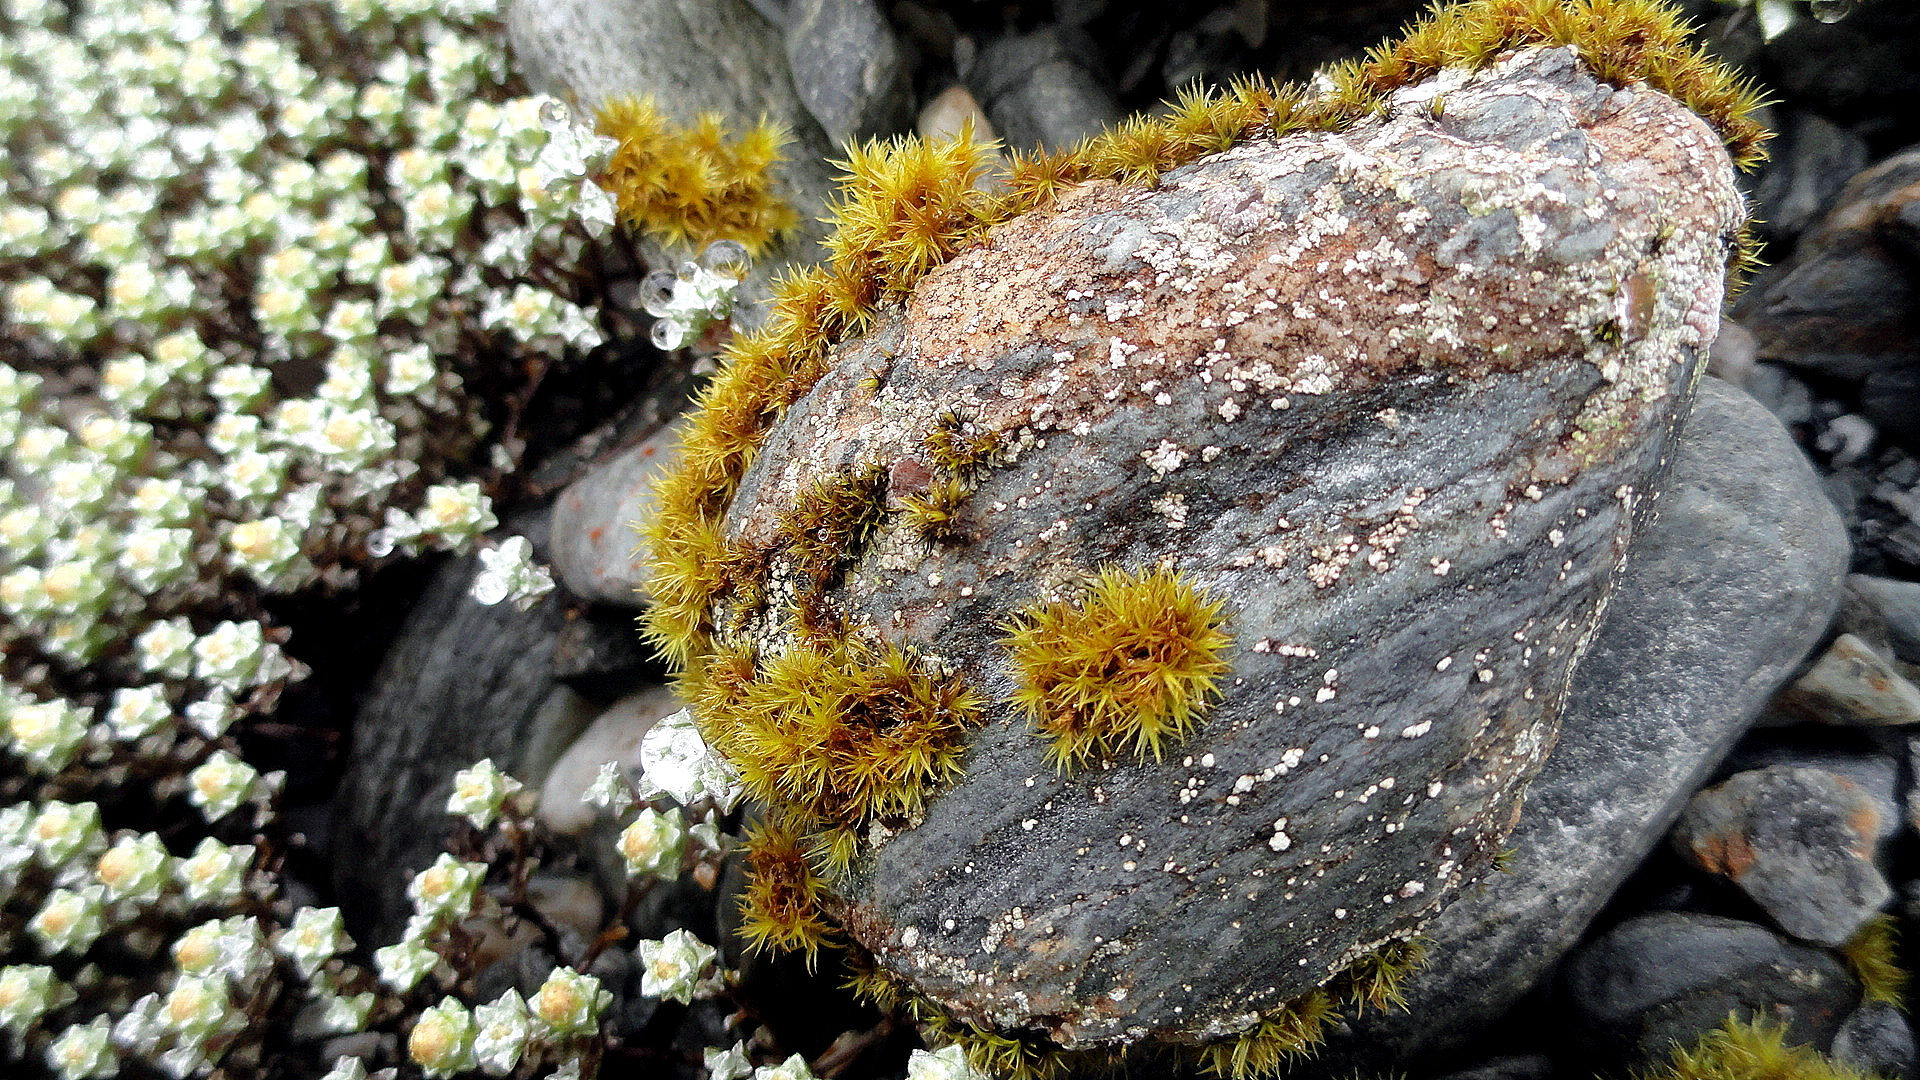 Rock Lichen & Flower